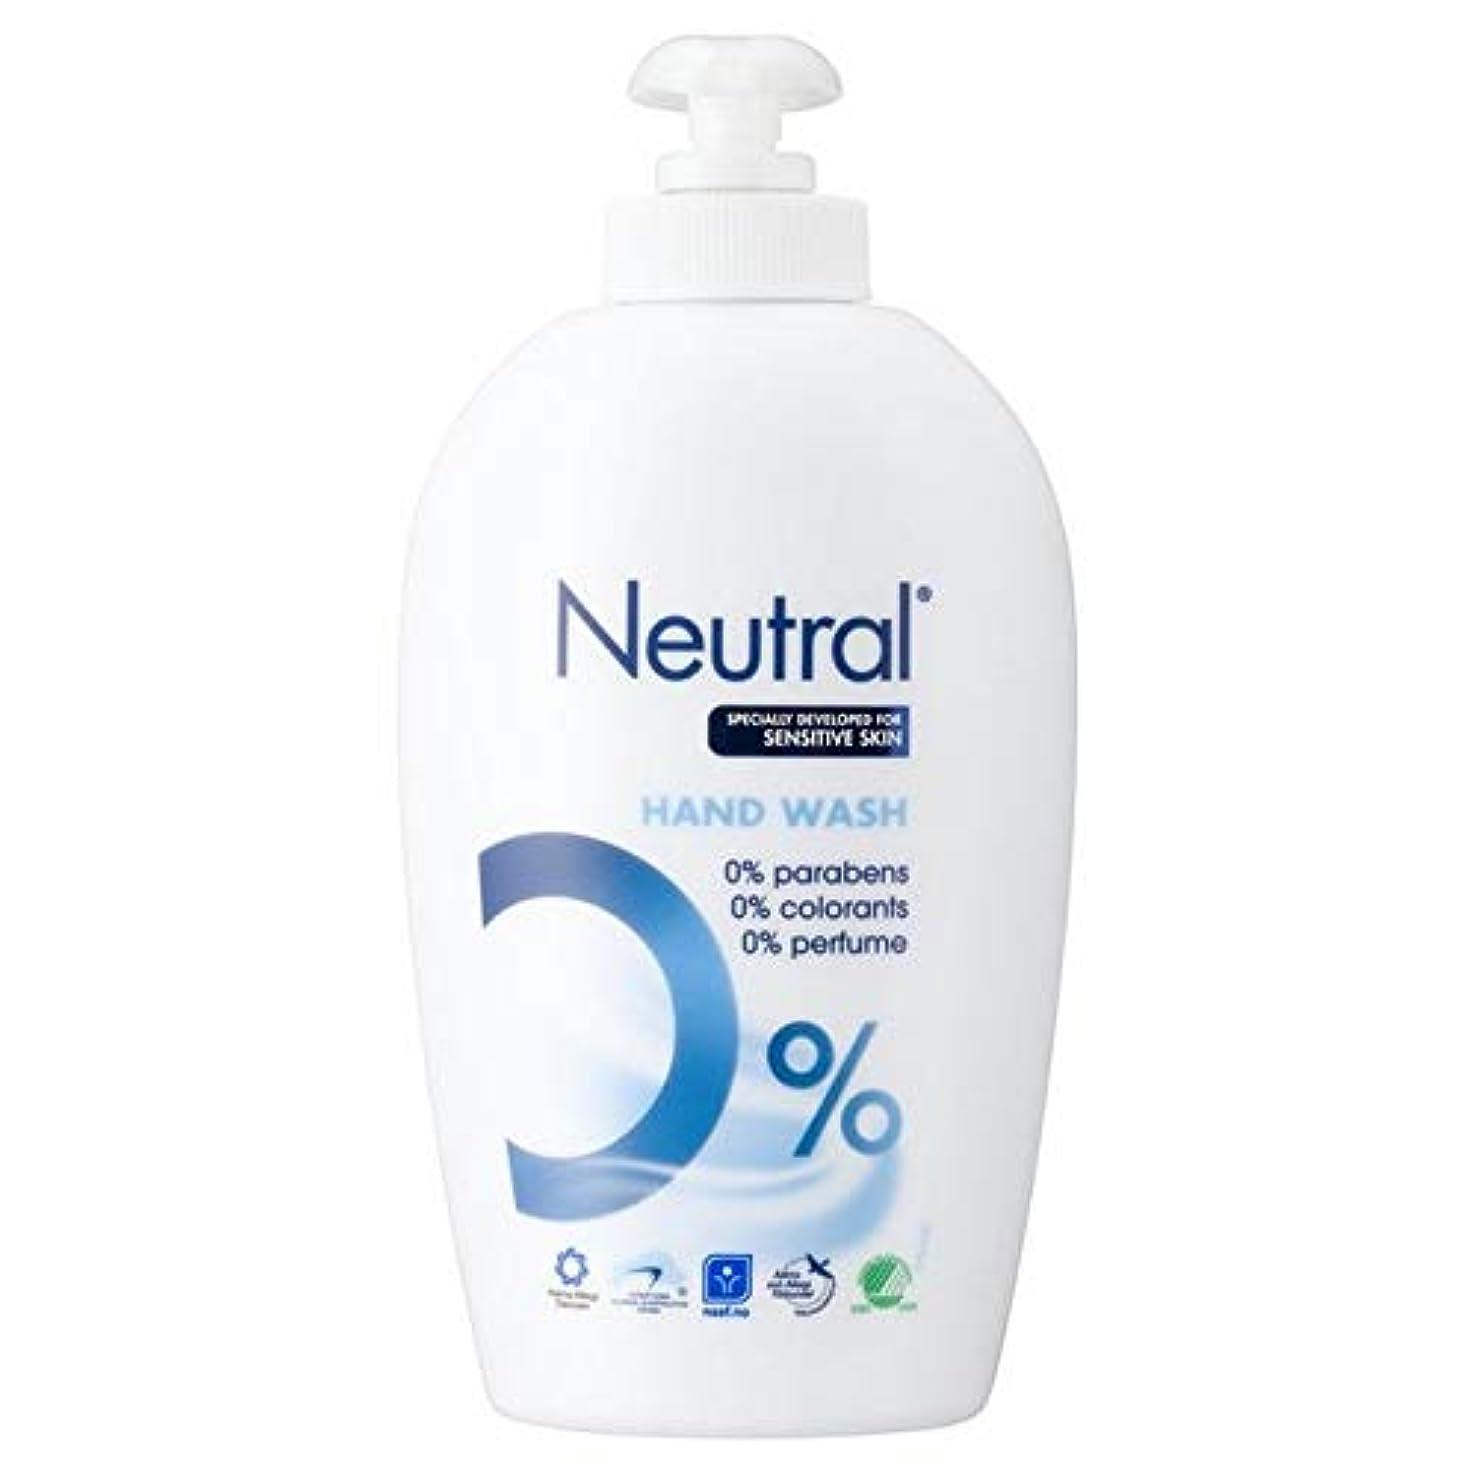 条件付きもし選出する[Neutral ] ニュートラル0%のハンドウォッシュ250ミリリットル - Neutral 0% Hand Wash 250ml [並行輸入品]